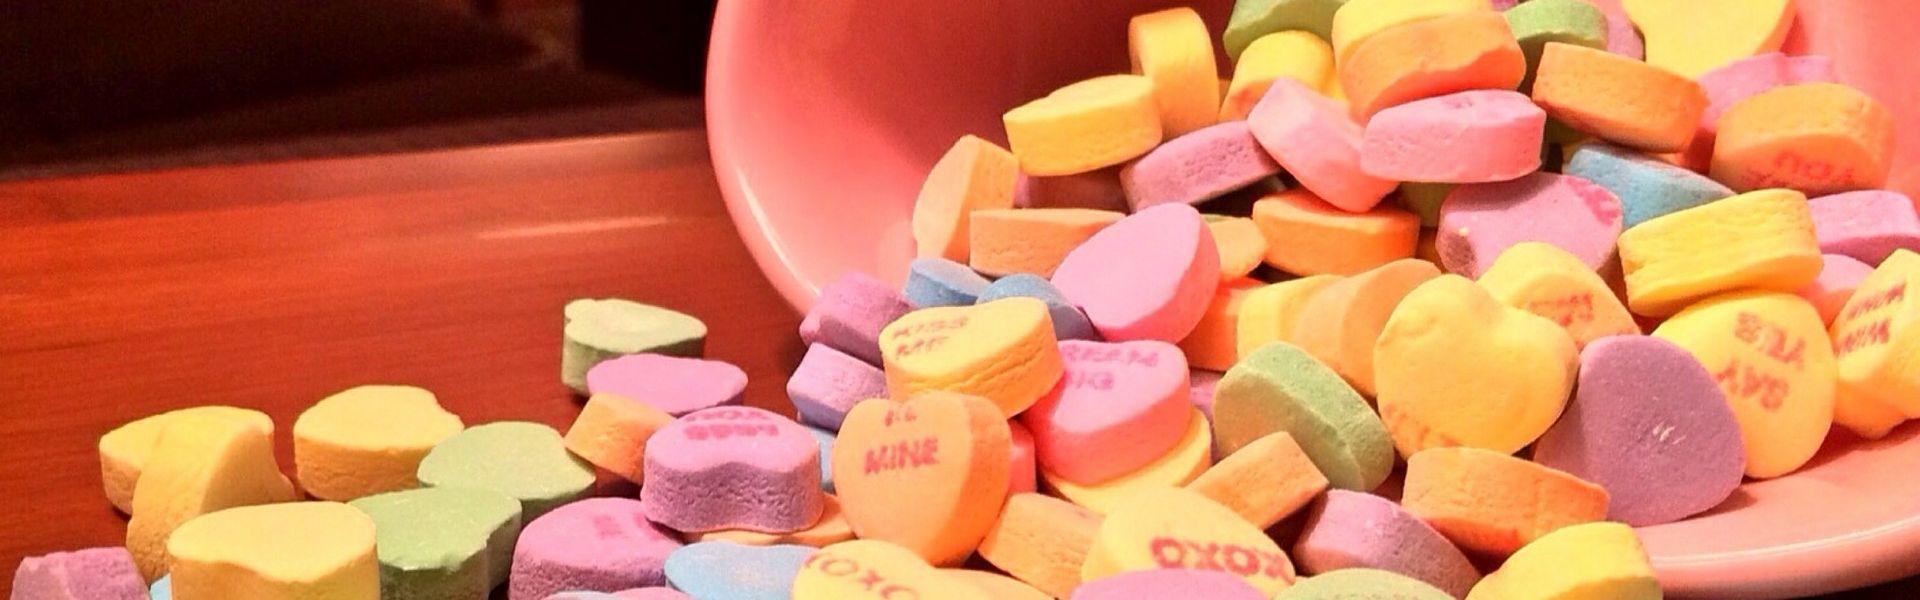 Snoephartjes bij het versje 'Suikerboom' van Paul Schrijft Wokandapix candy-599884_1920